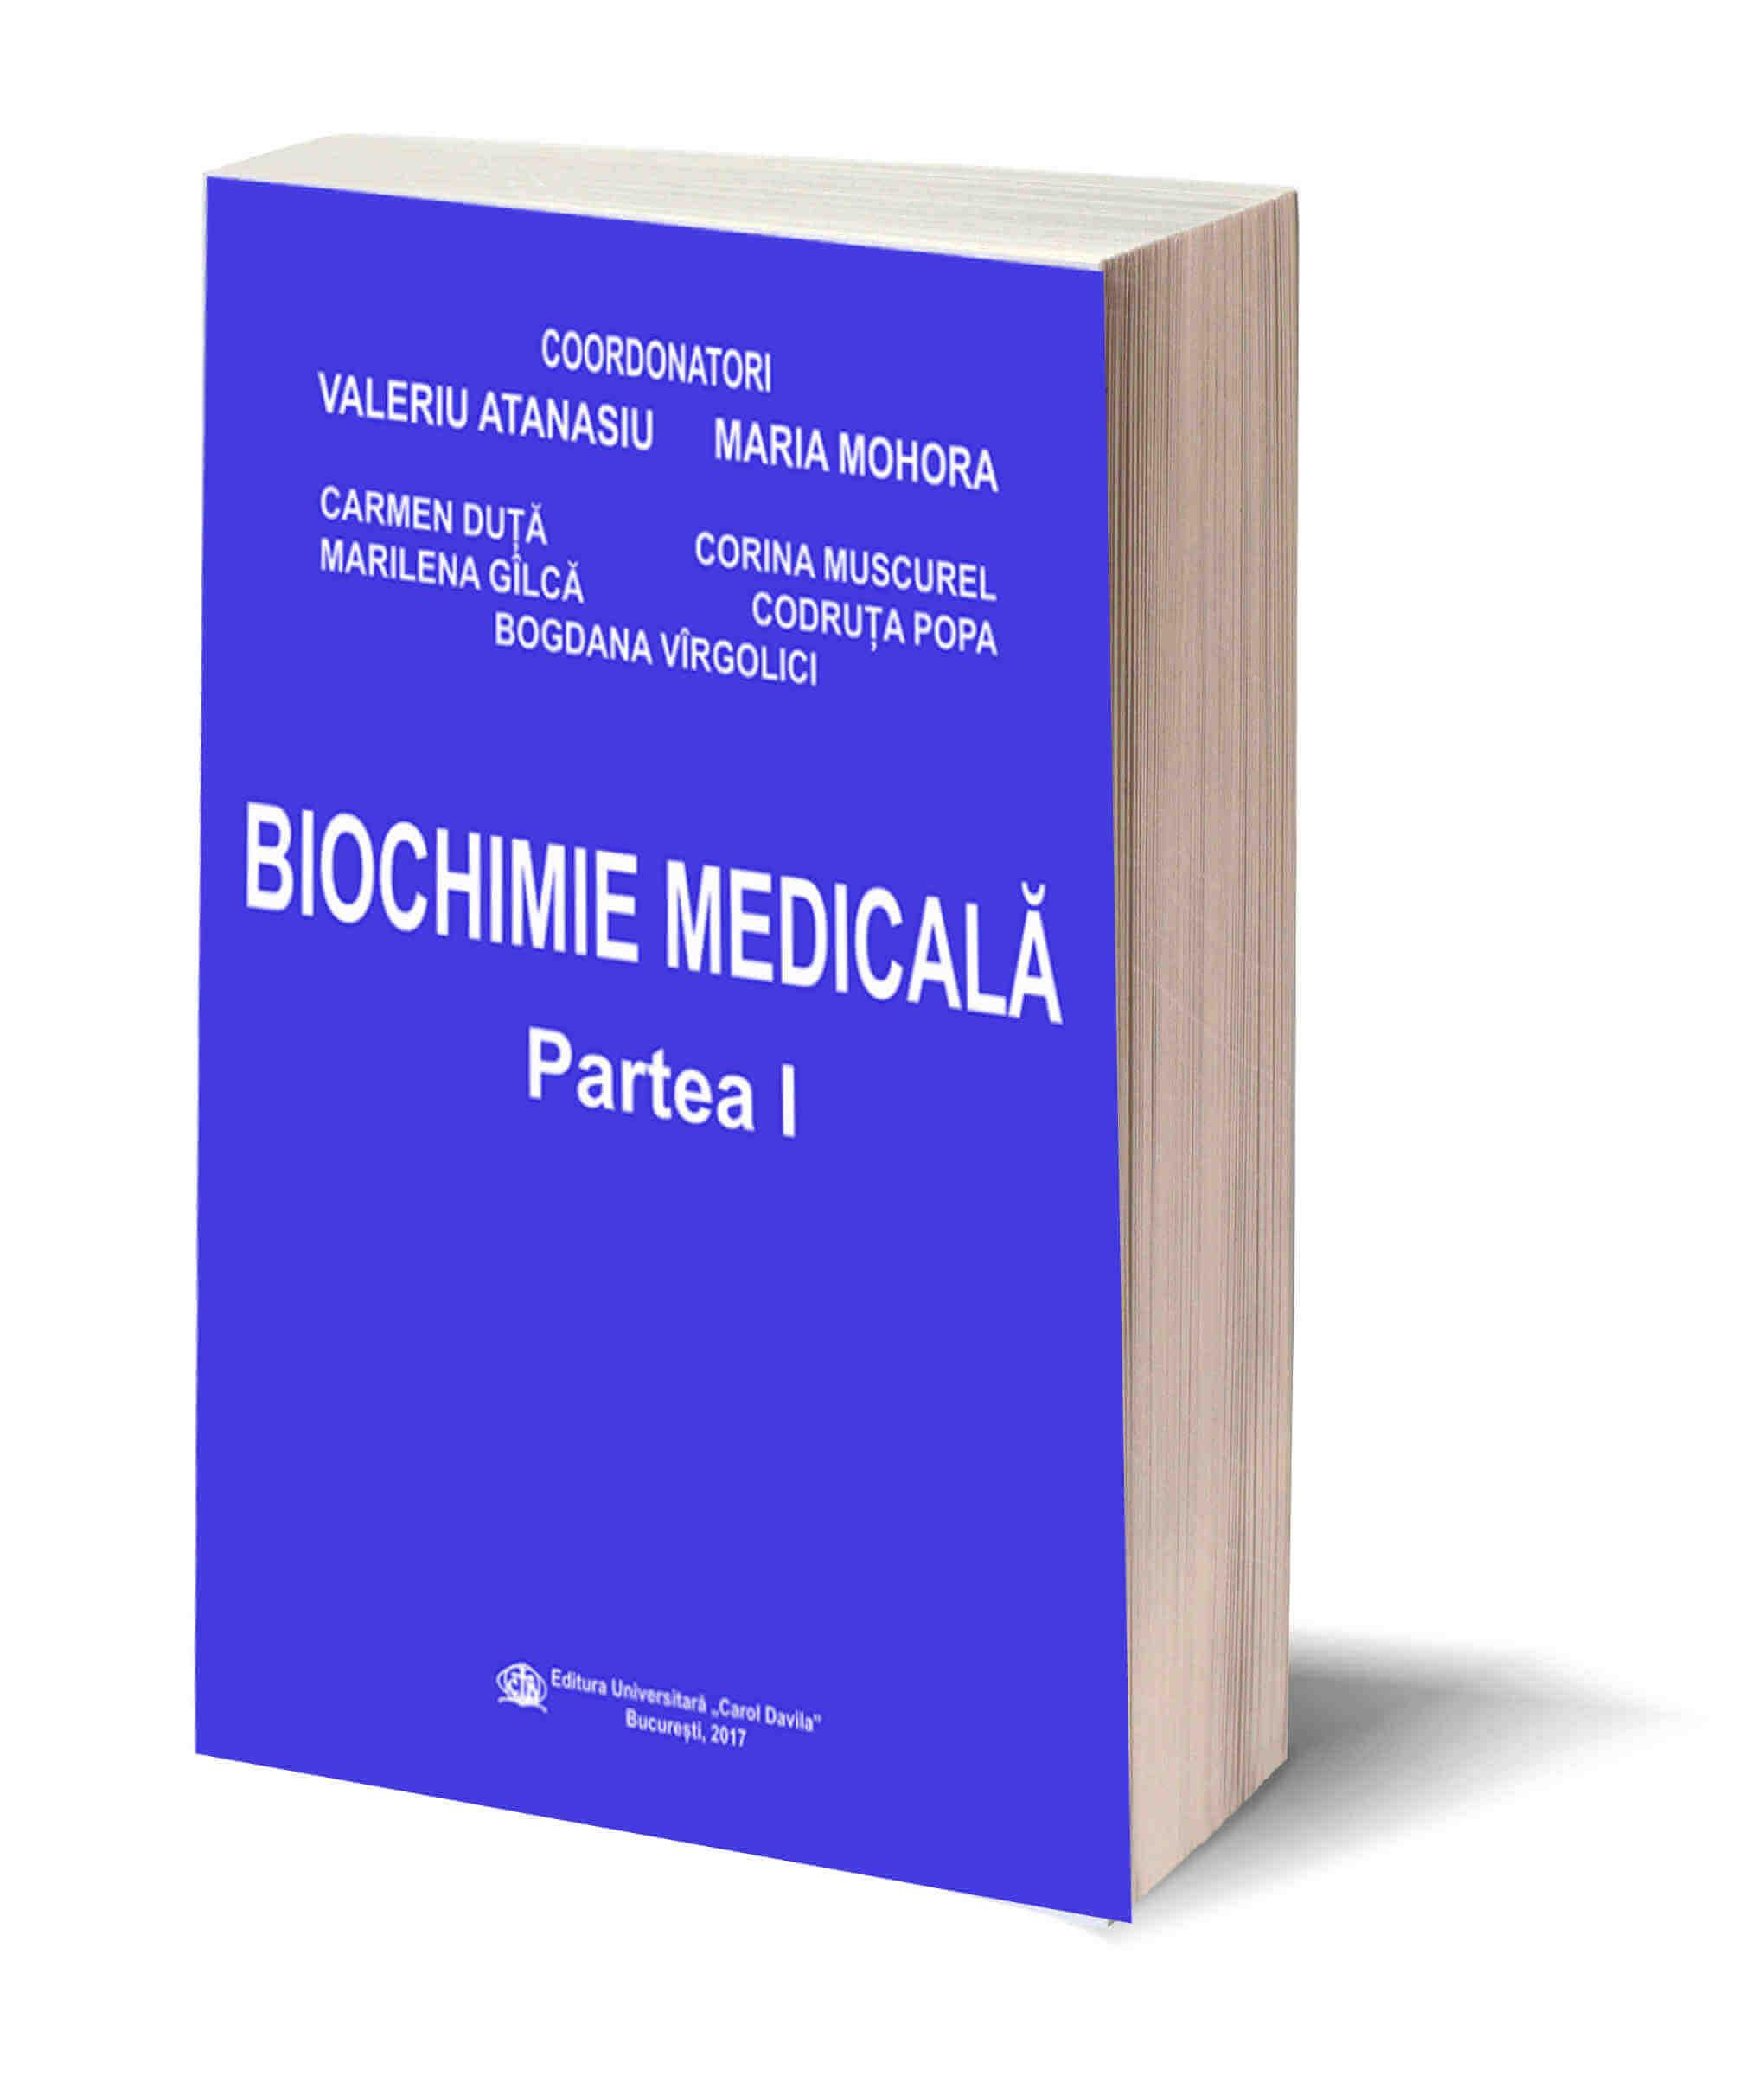 Biochimie Medicala Partea I